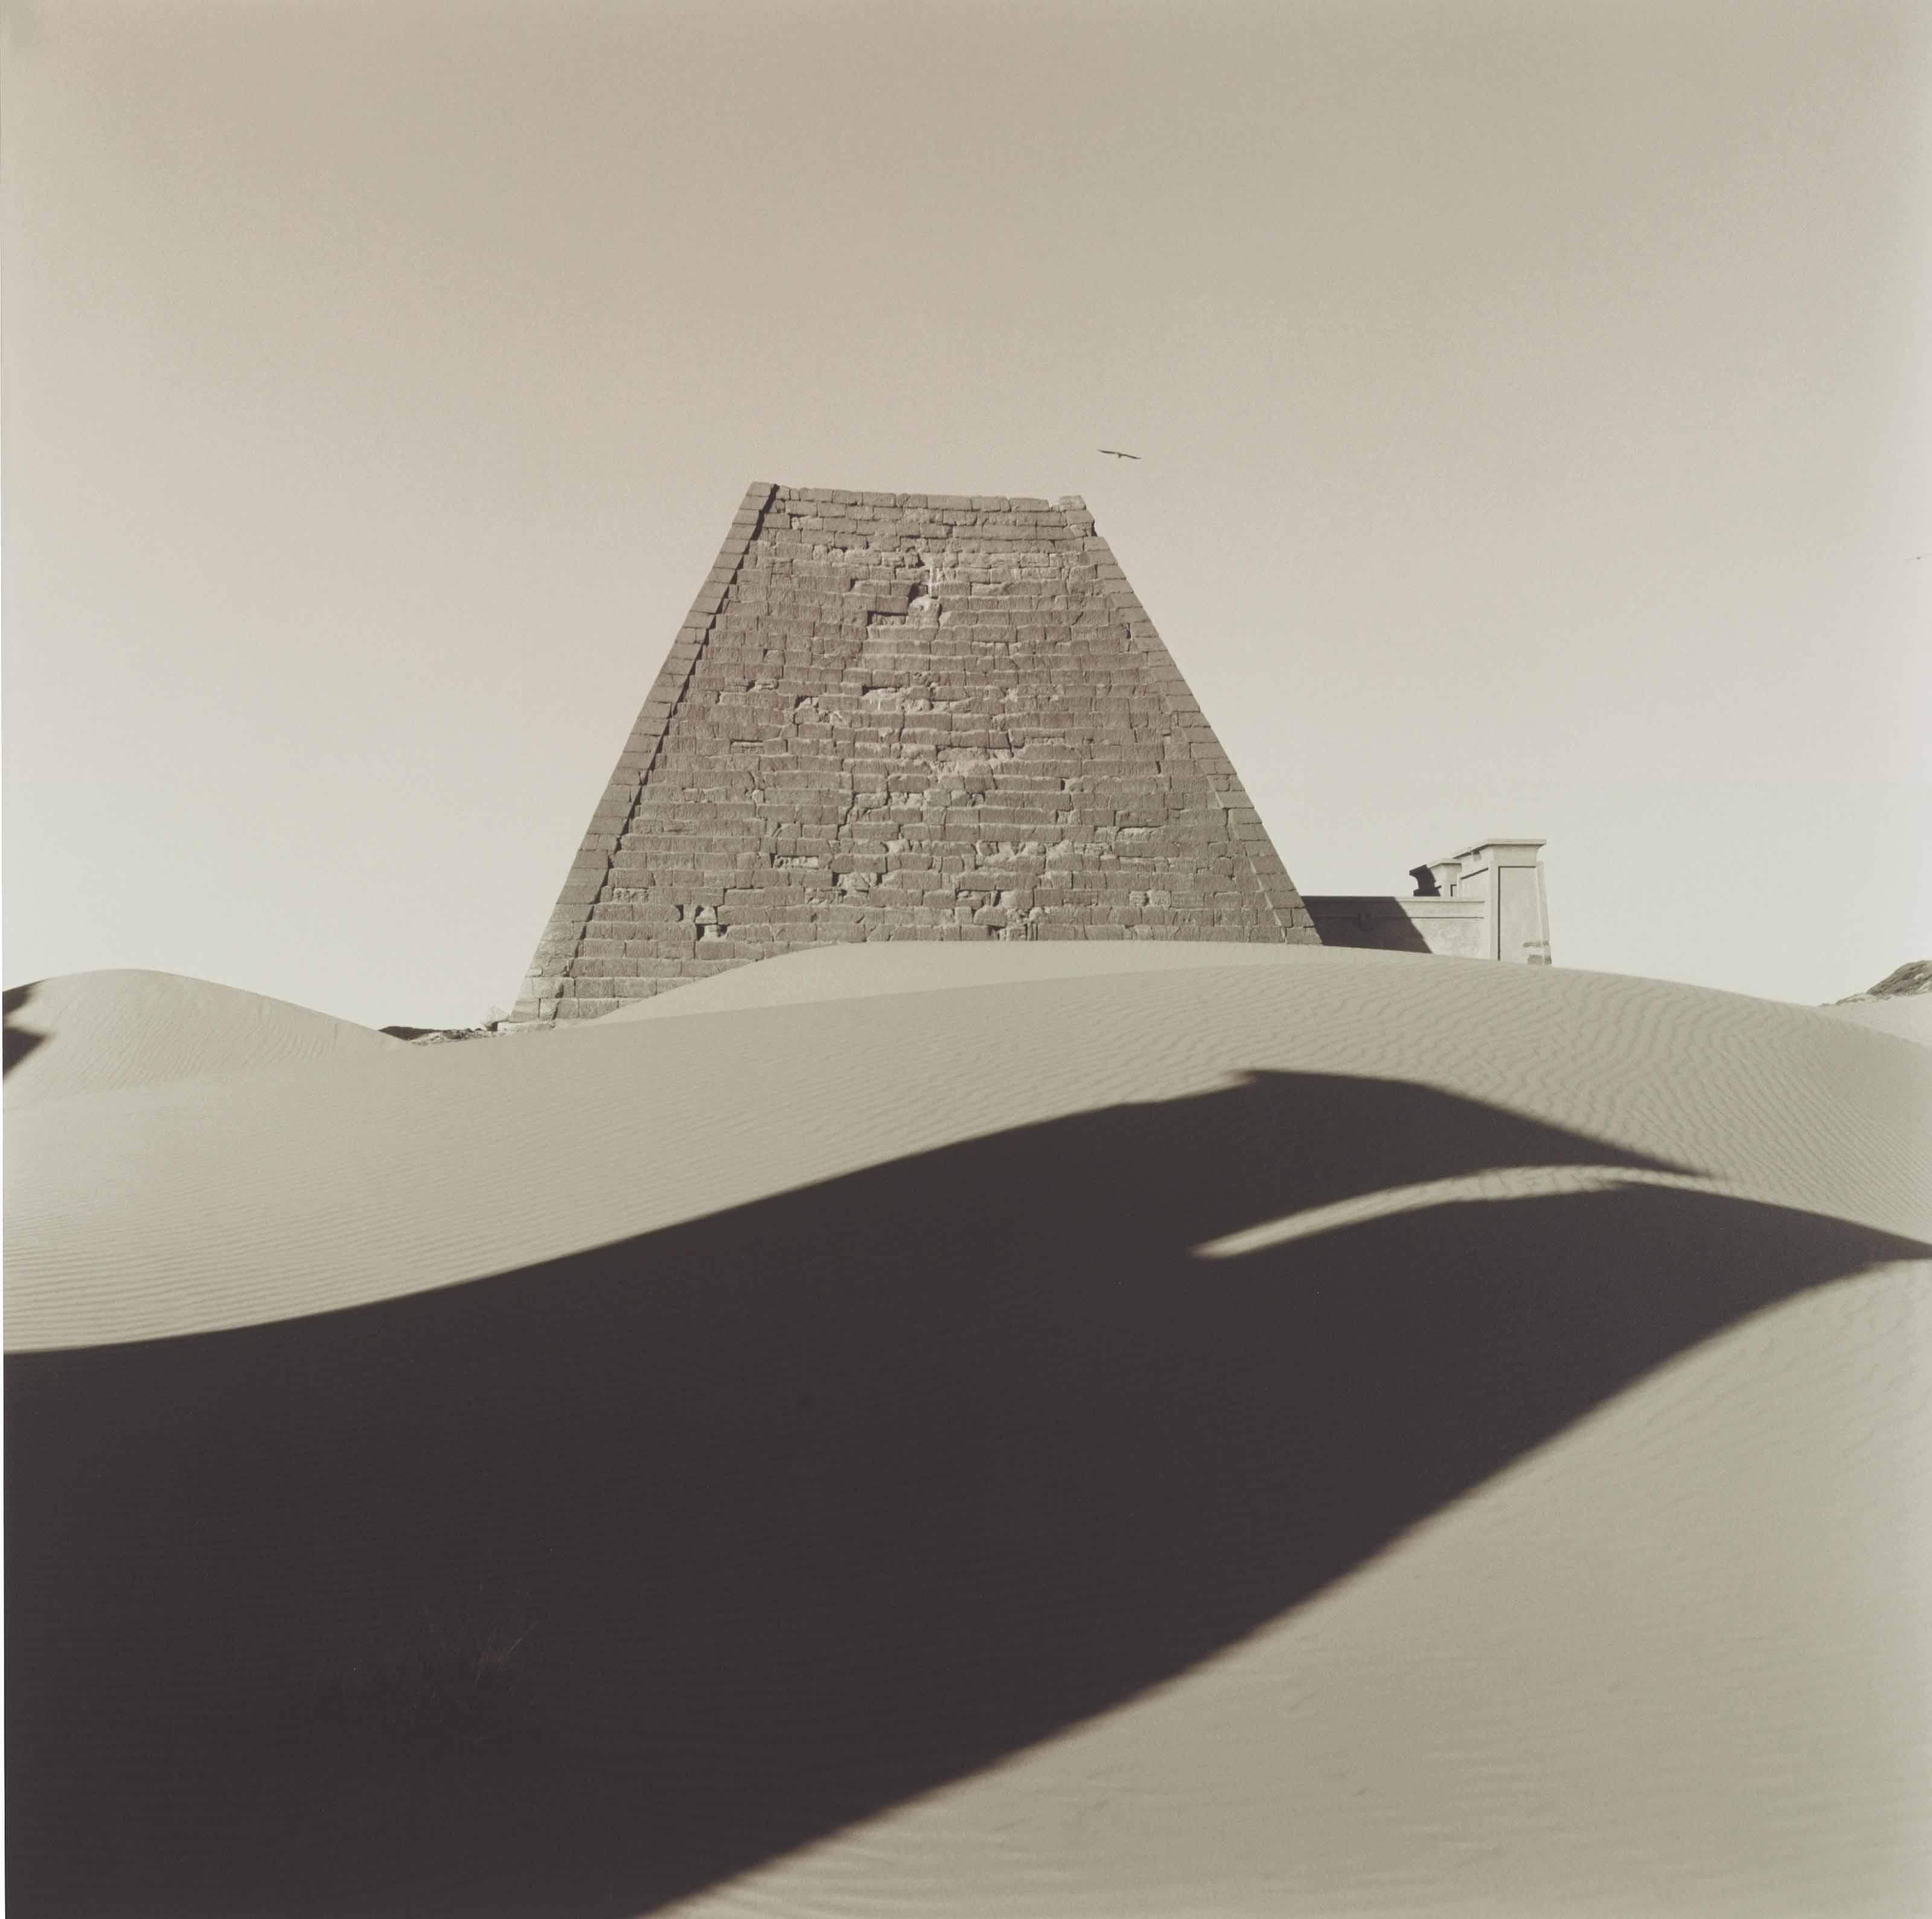 Meroe, Sudan, 1998